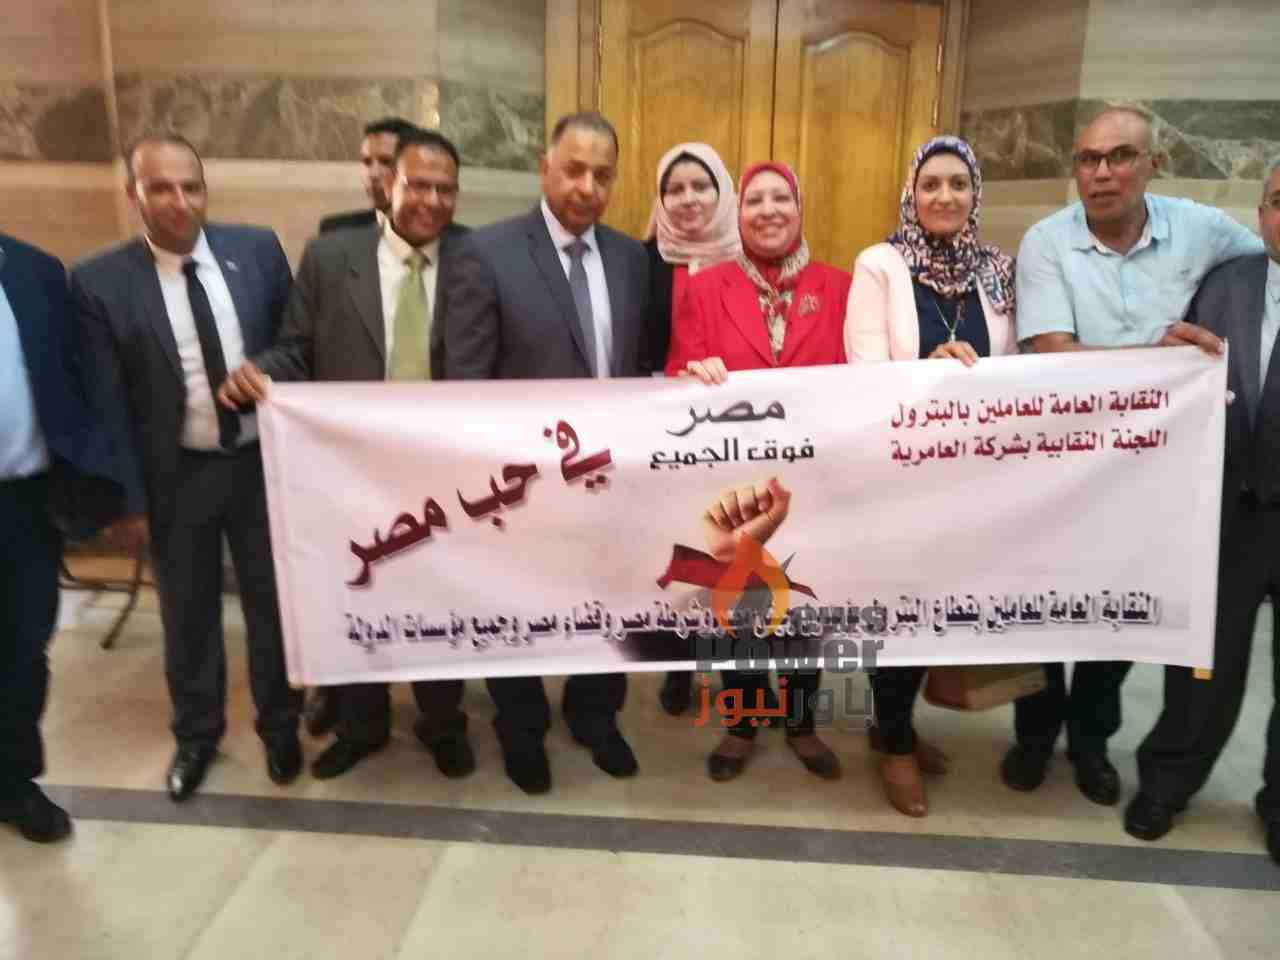 بالصور نقابات العاملين بشركات البترول تجتمع فى الاتحاد العام للعمال فى مهرجان حب مصر